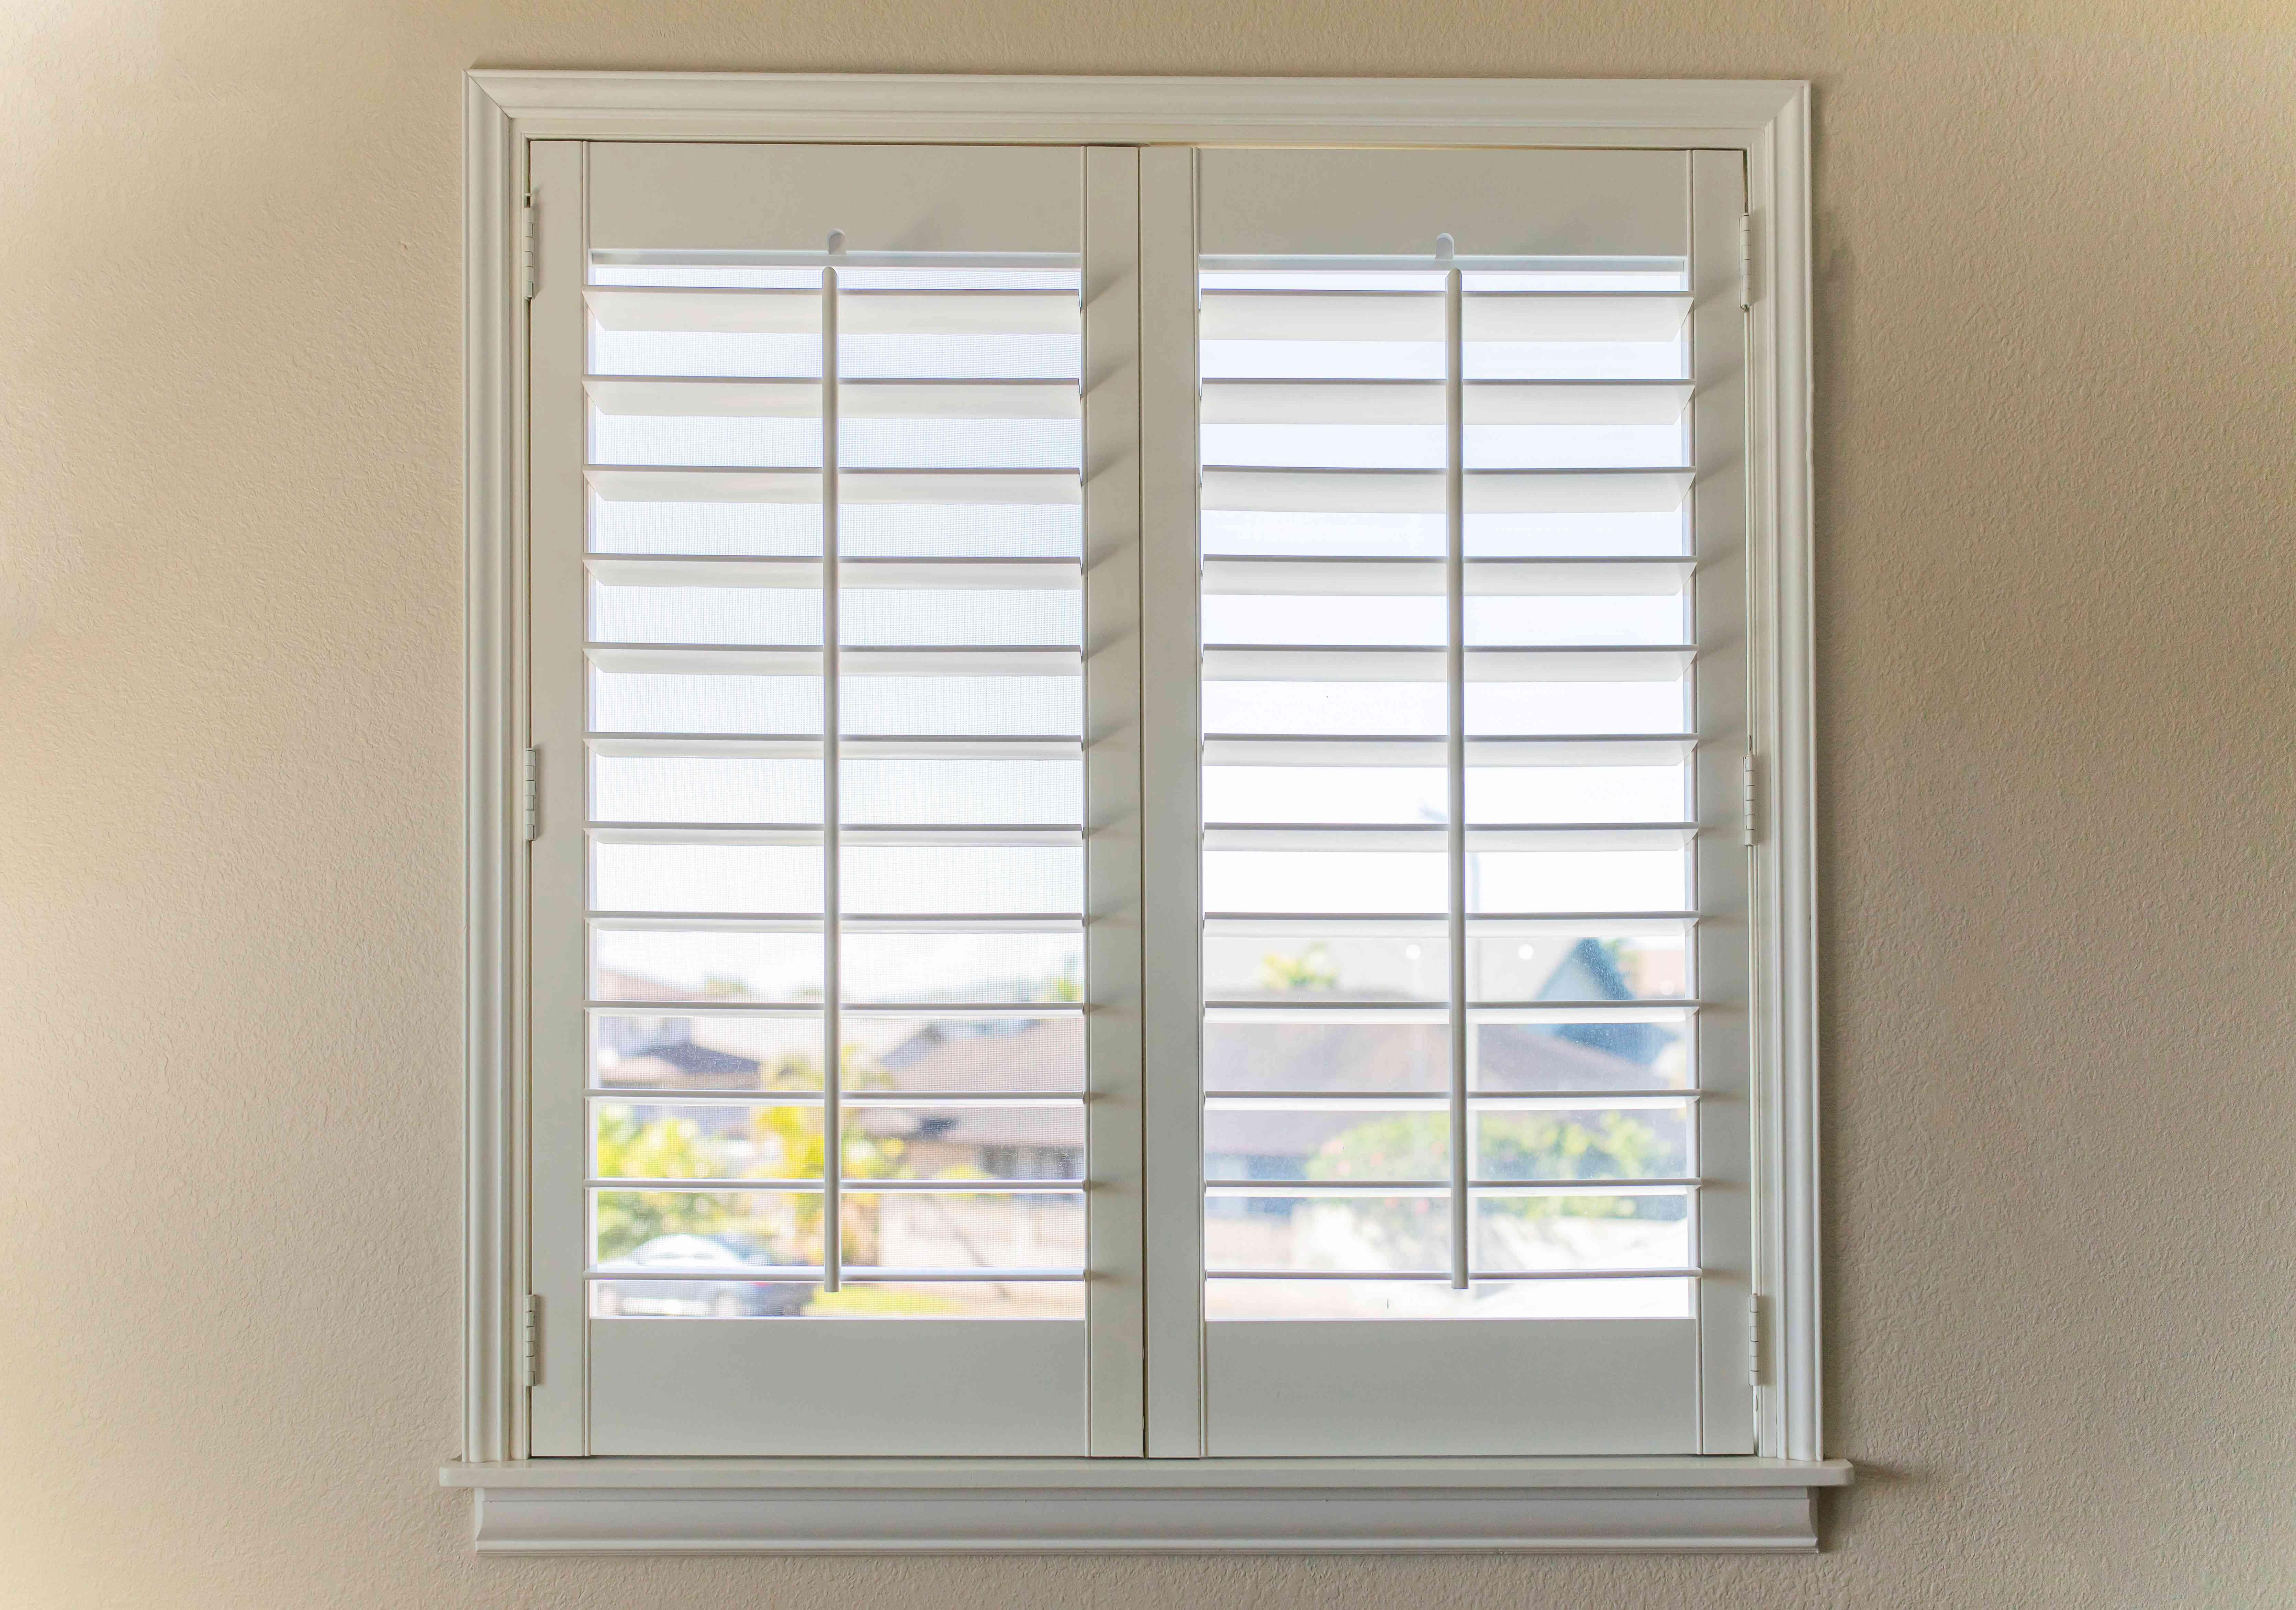 wooden shutters on a window